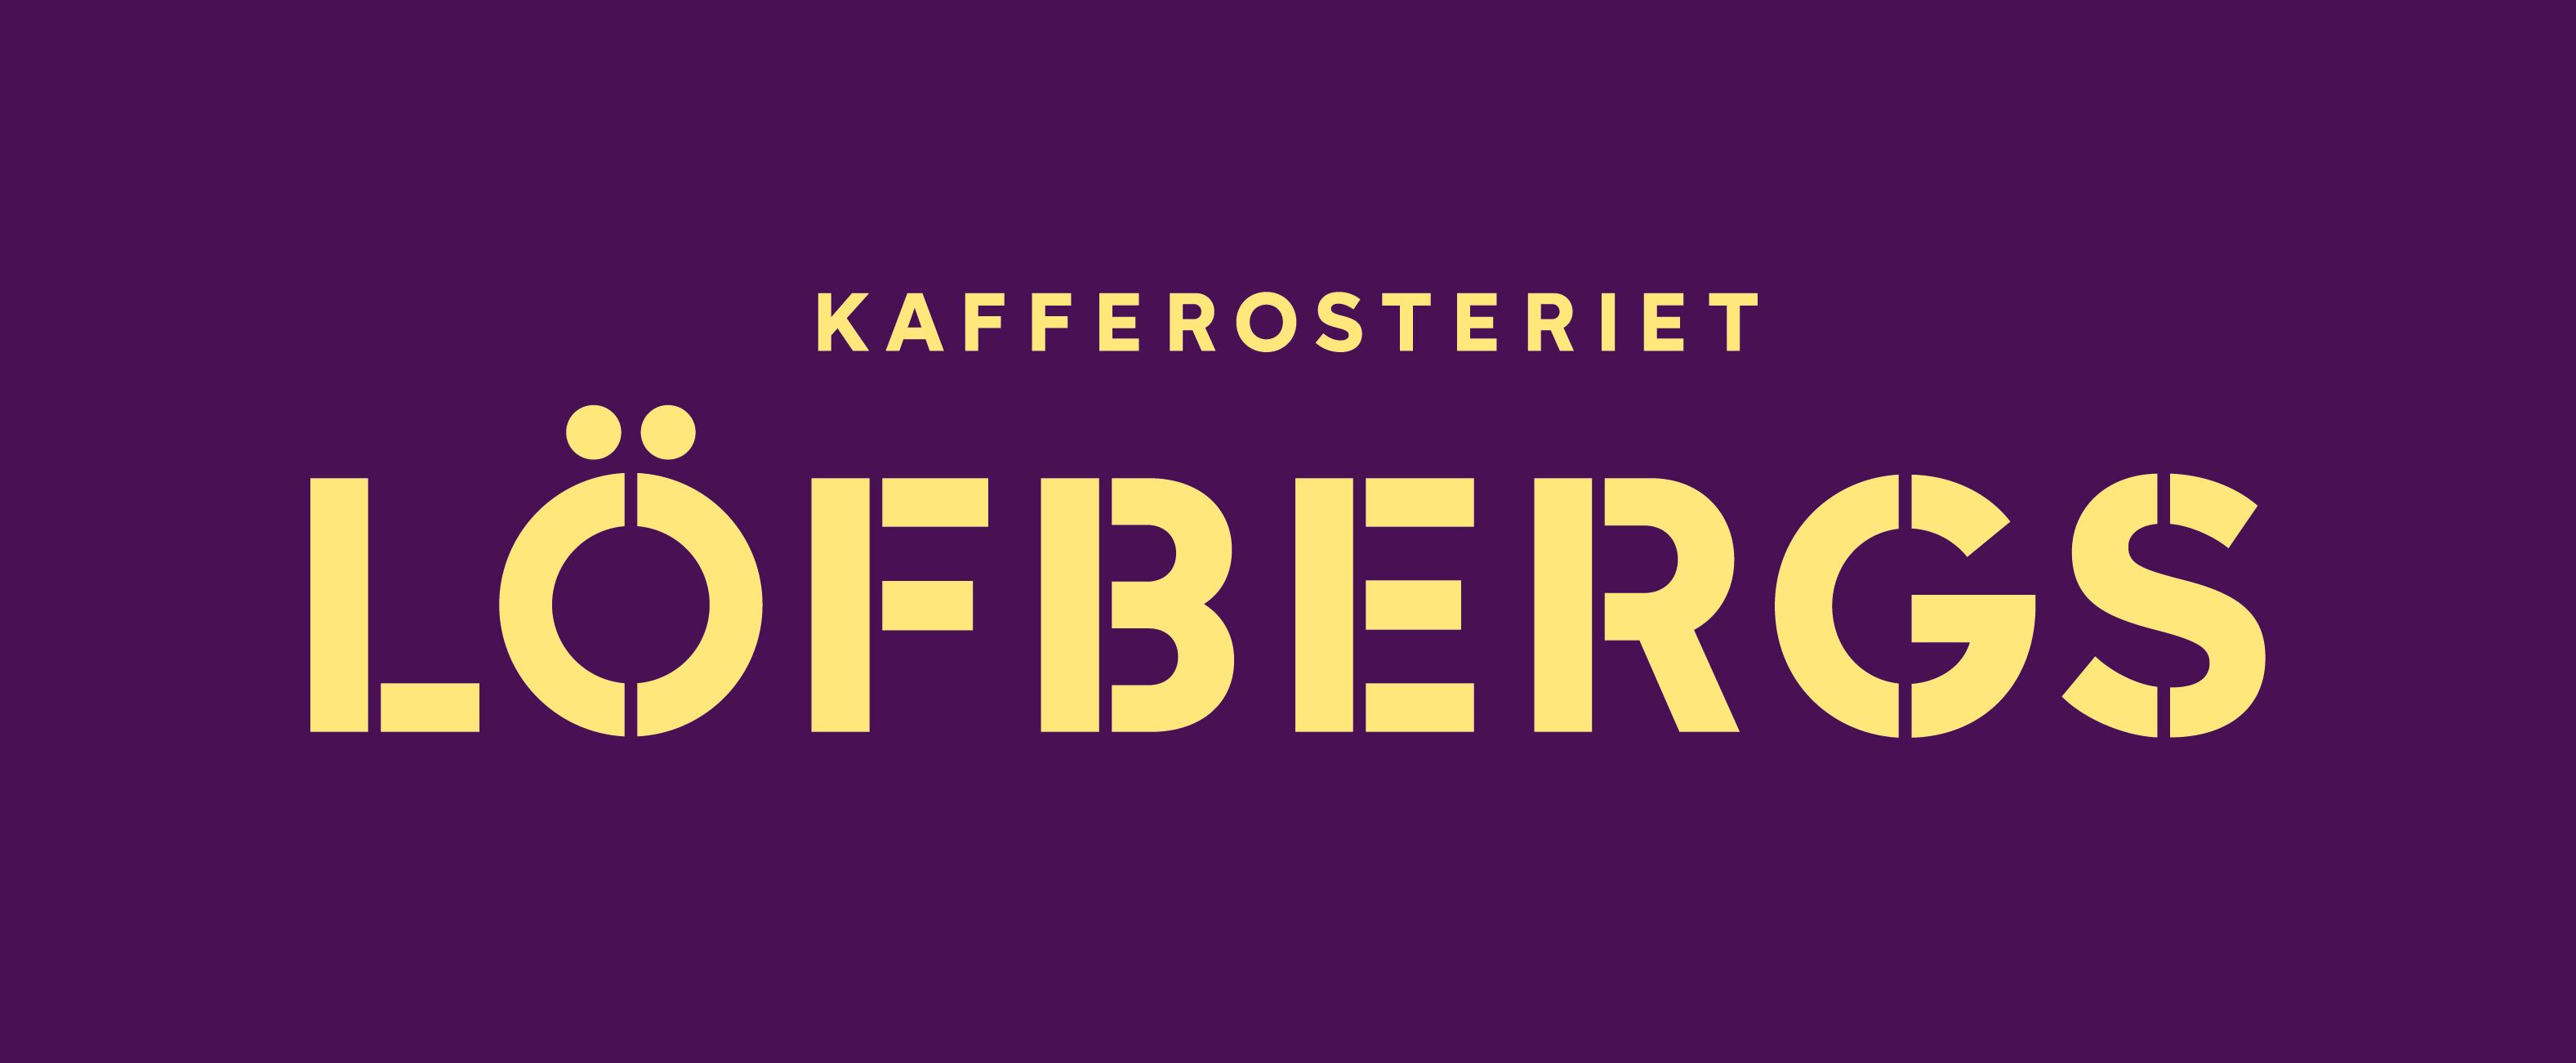 Lofbergs_Lockup_Sekundar_A_RGB_Coated